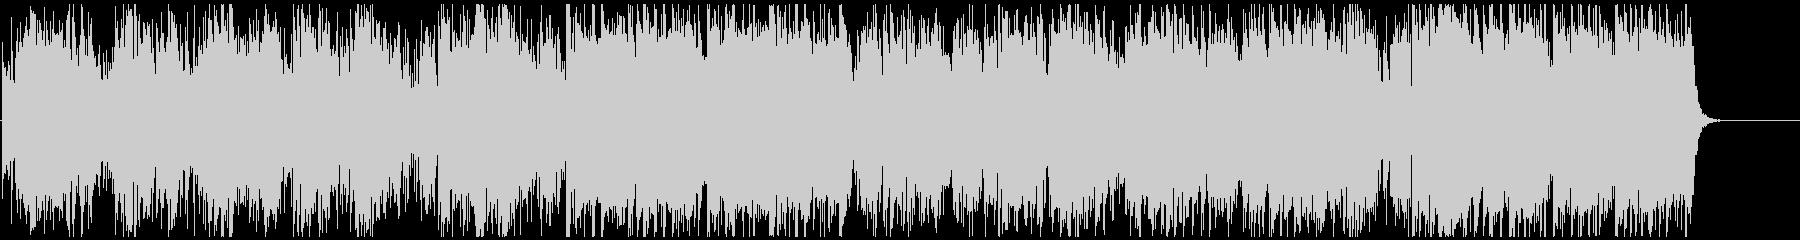 生演奏ソプラノSaxの穏やかフュージョンの未再生の波形